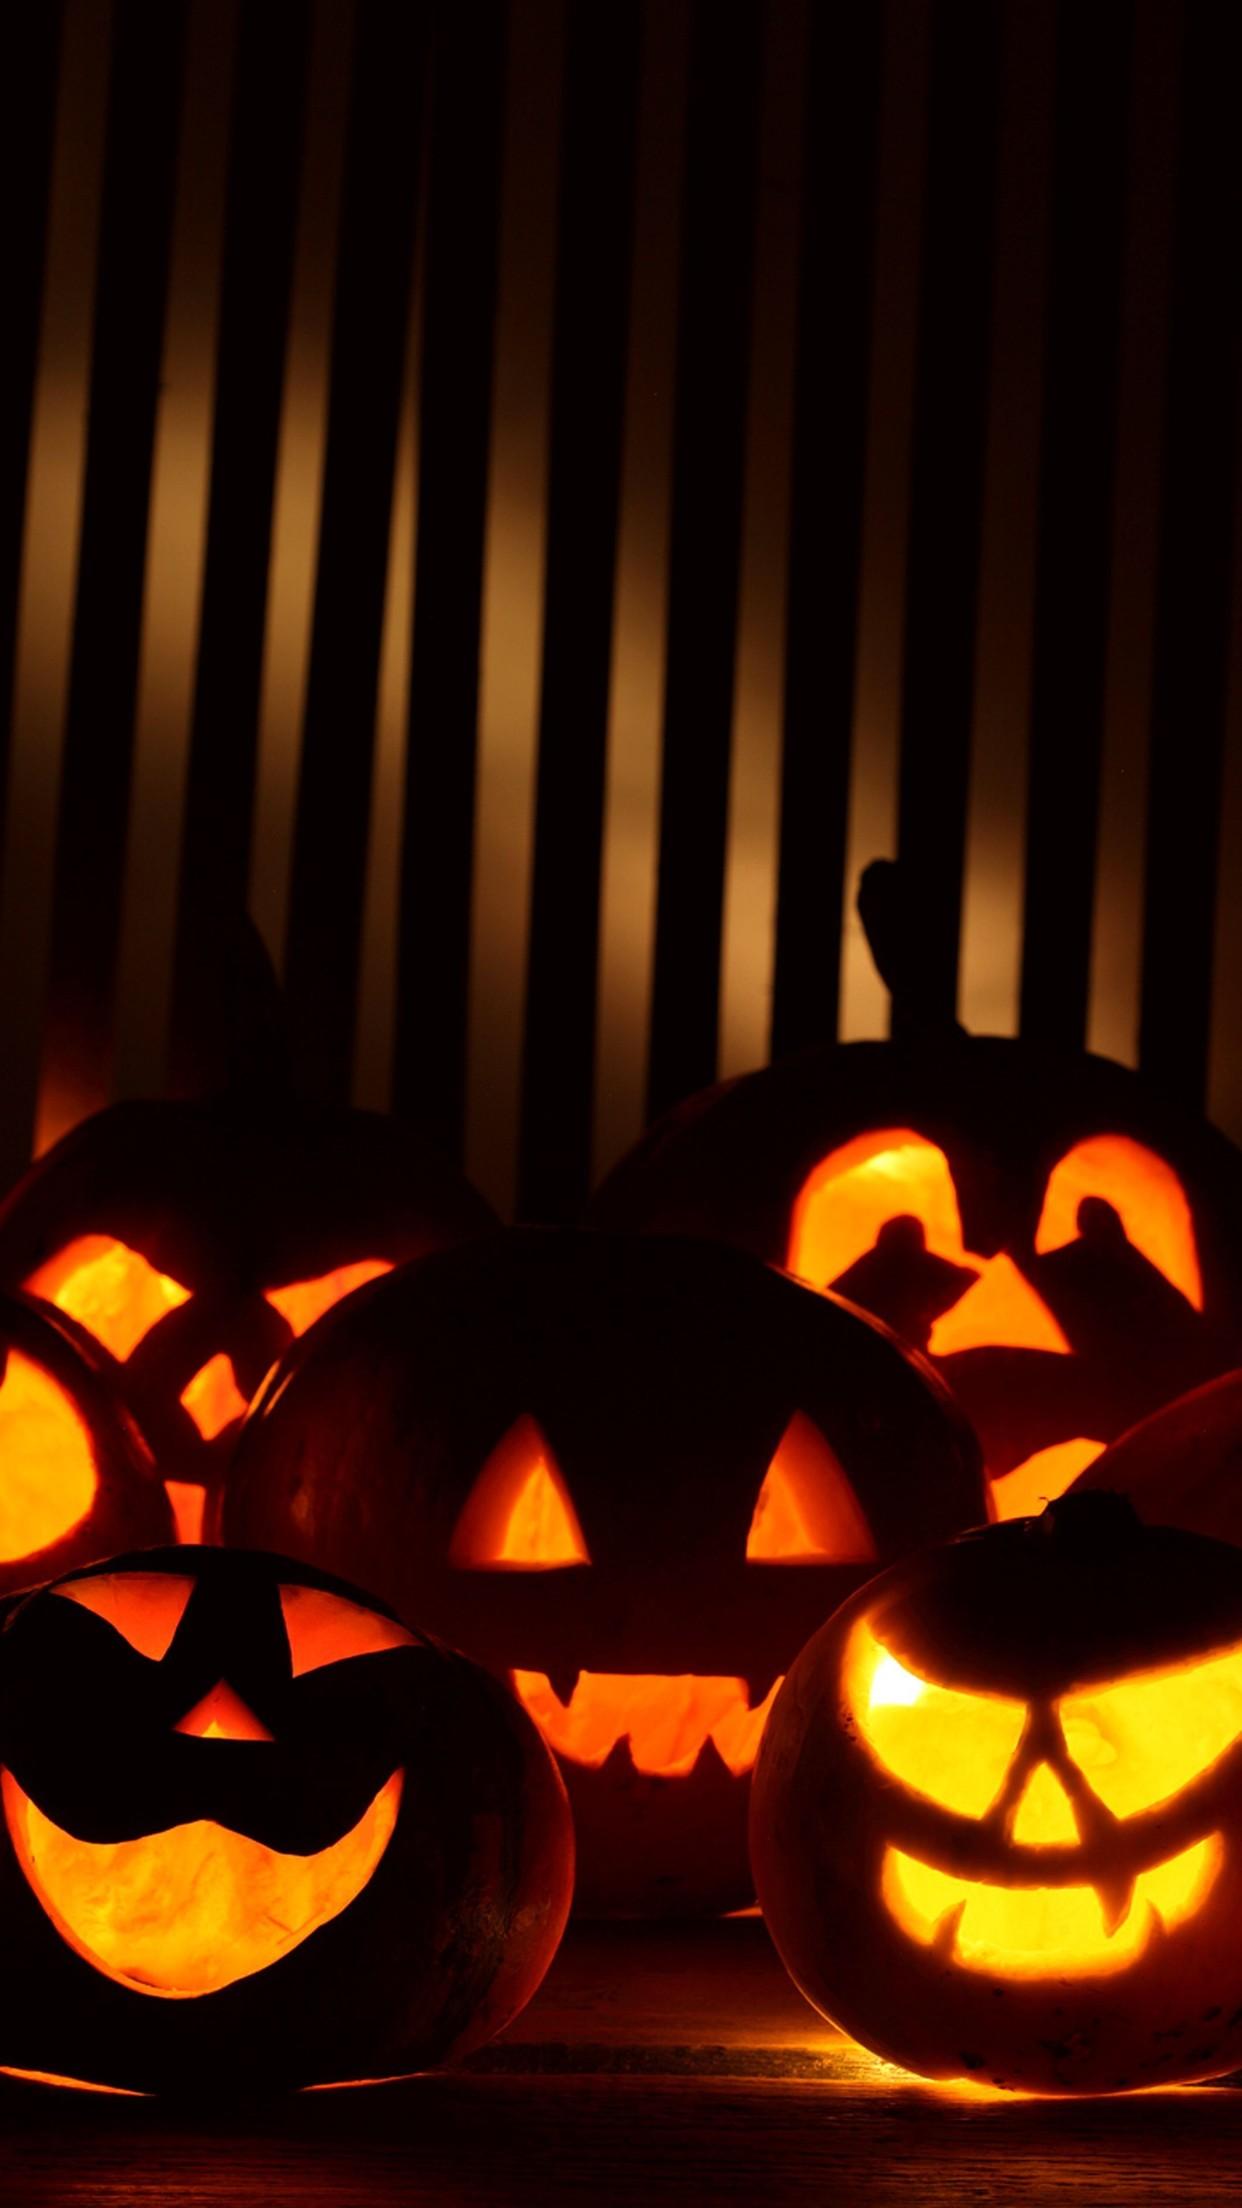 Fall Pumpkin Computer Wallpaper Halloween Iphone Backgrounds Pixelstalk Net